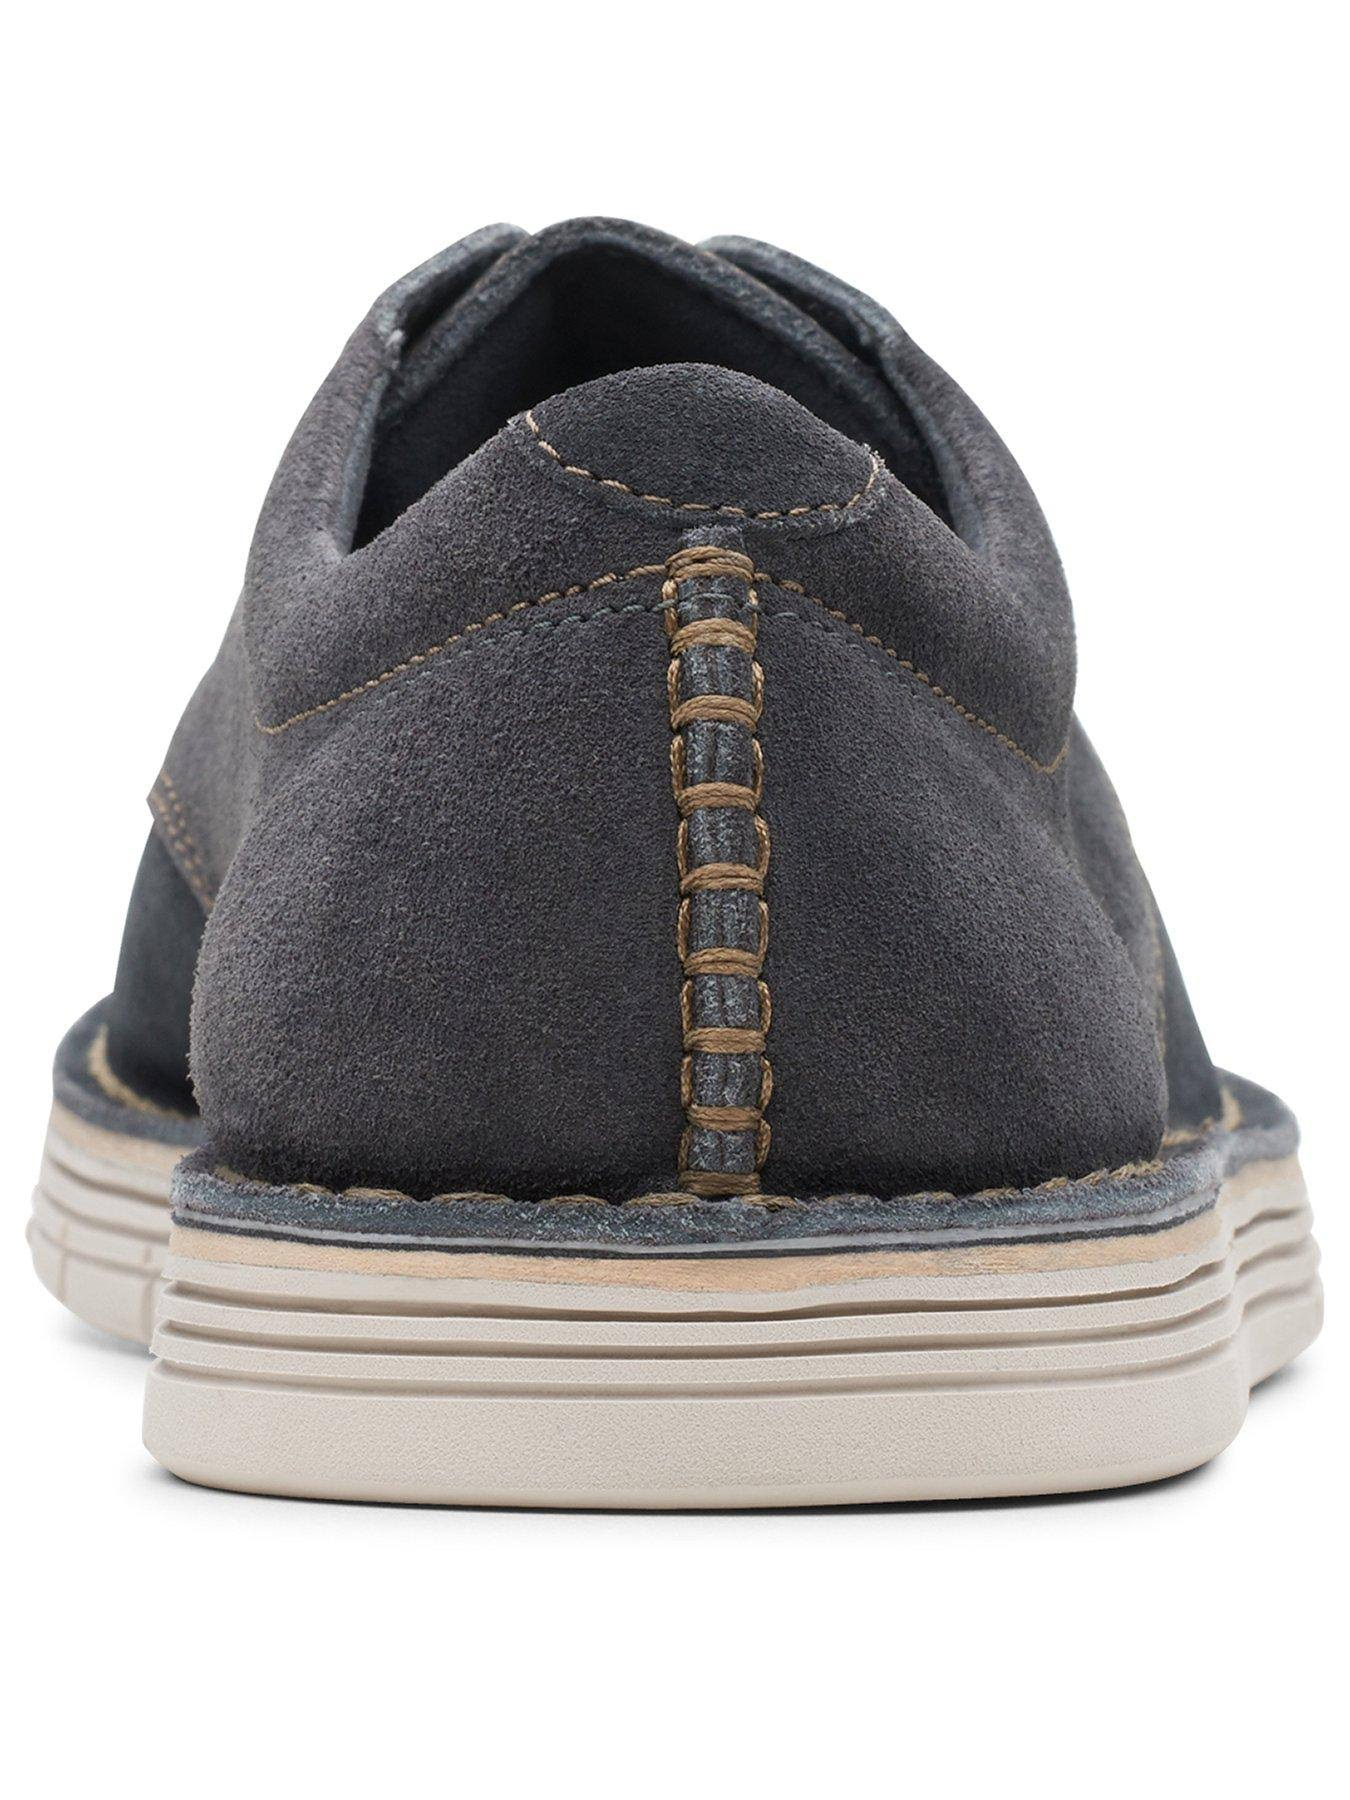 Clarks Forge Vibe Lace Up Shoes - Blue, Blue, Size 9, Men  mhCTze